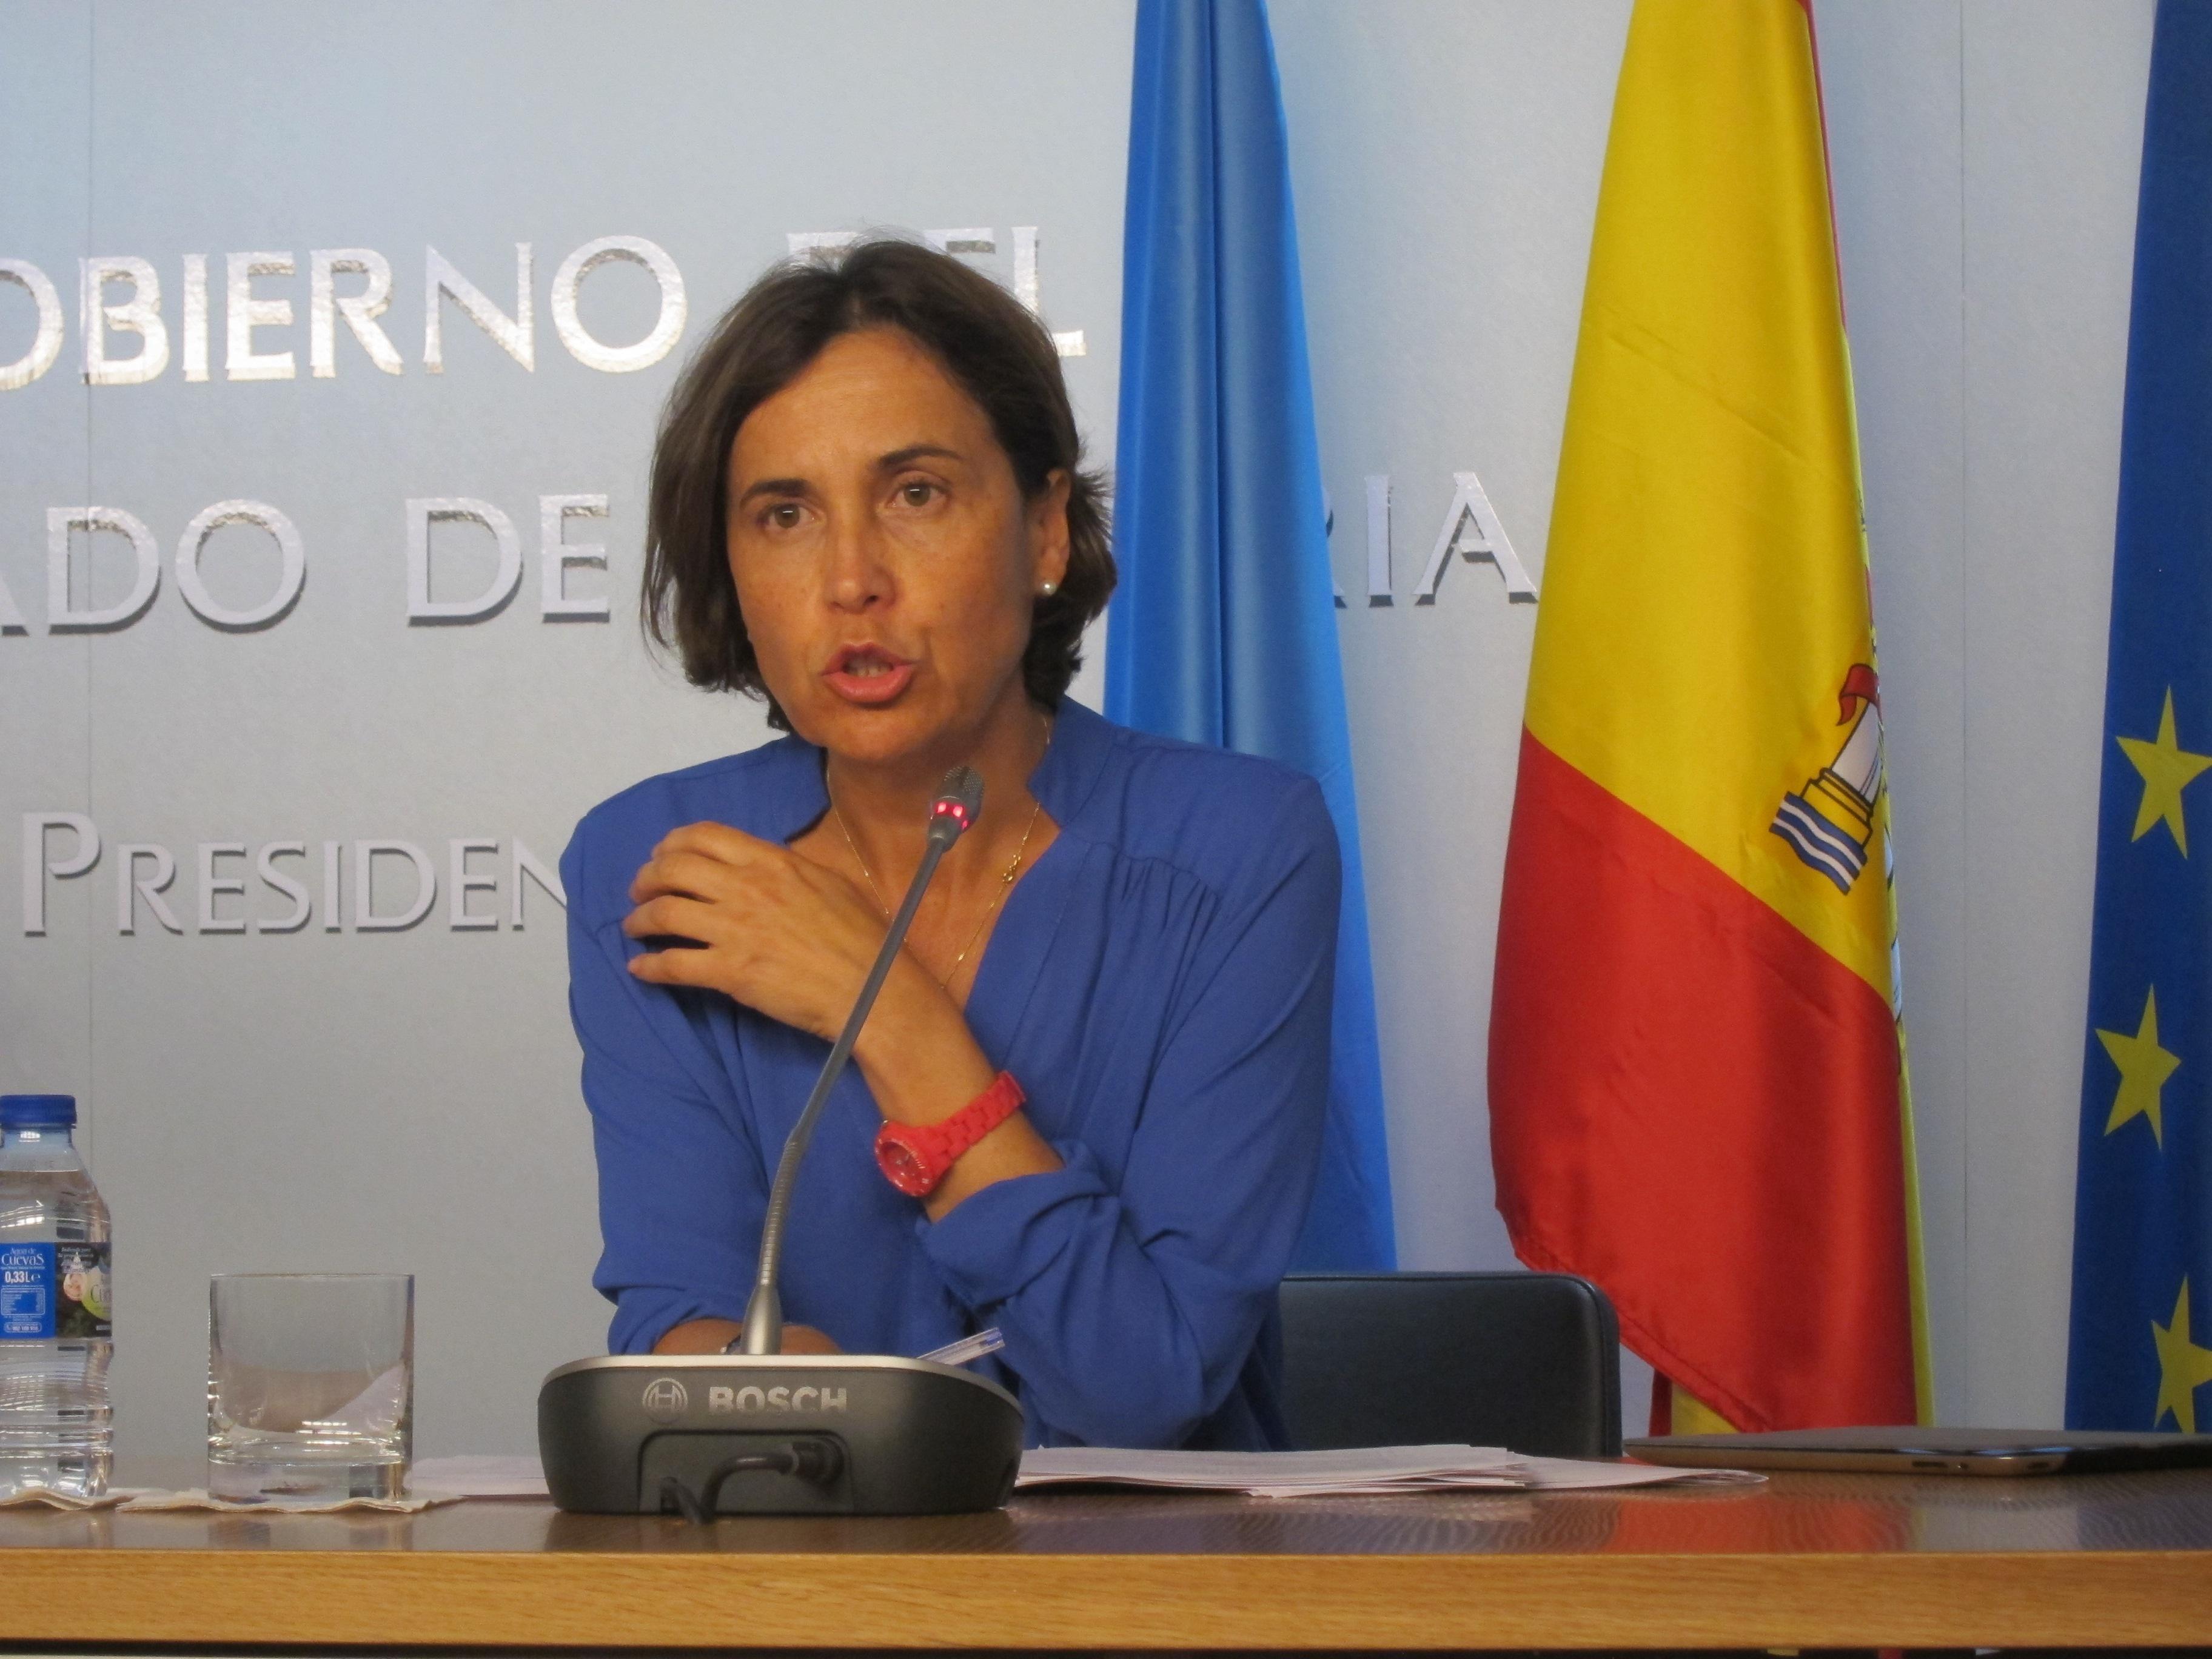 Gobierno de Asturias recurre ante Hacienda el reparto del objetivo del déficit, paso previo a la vía judicial